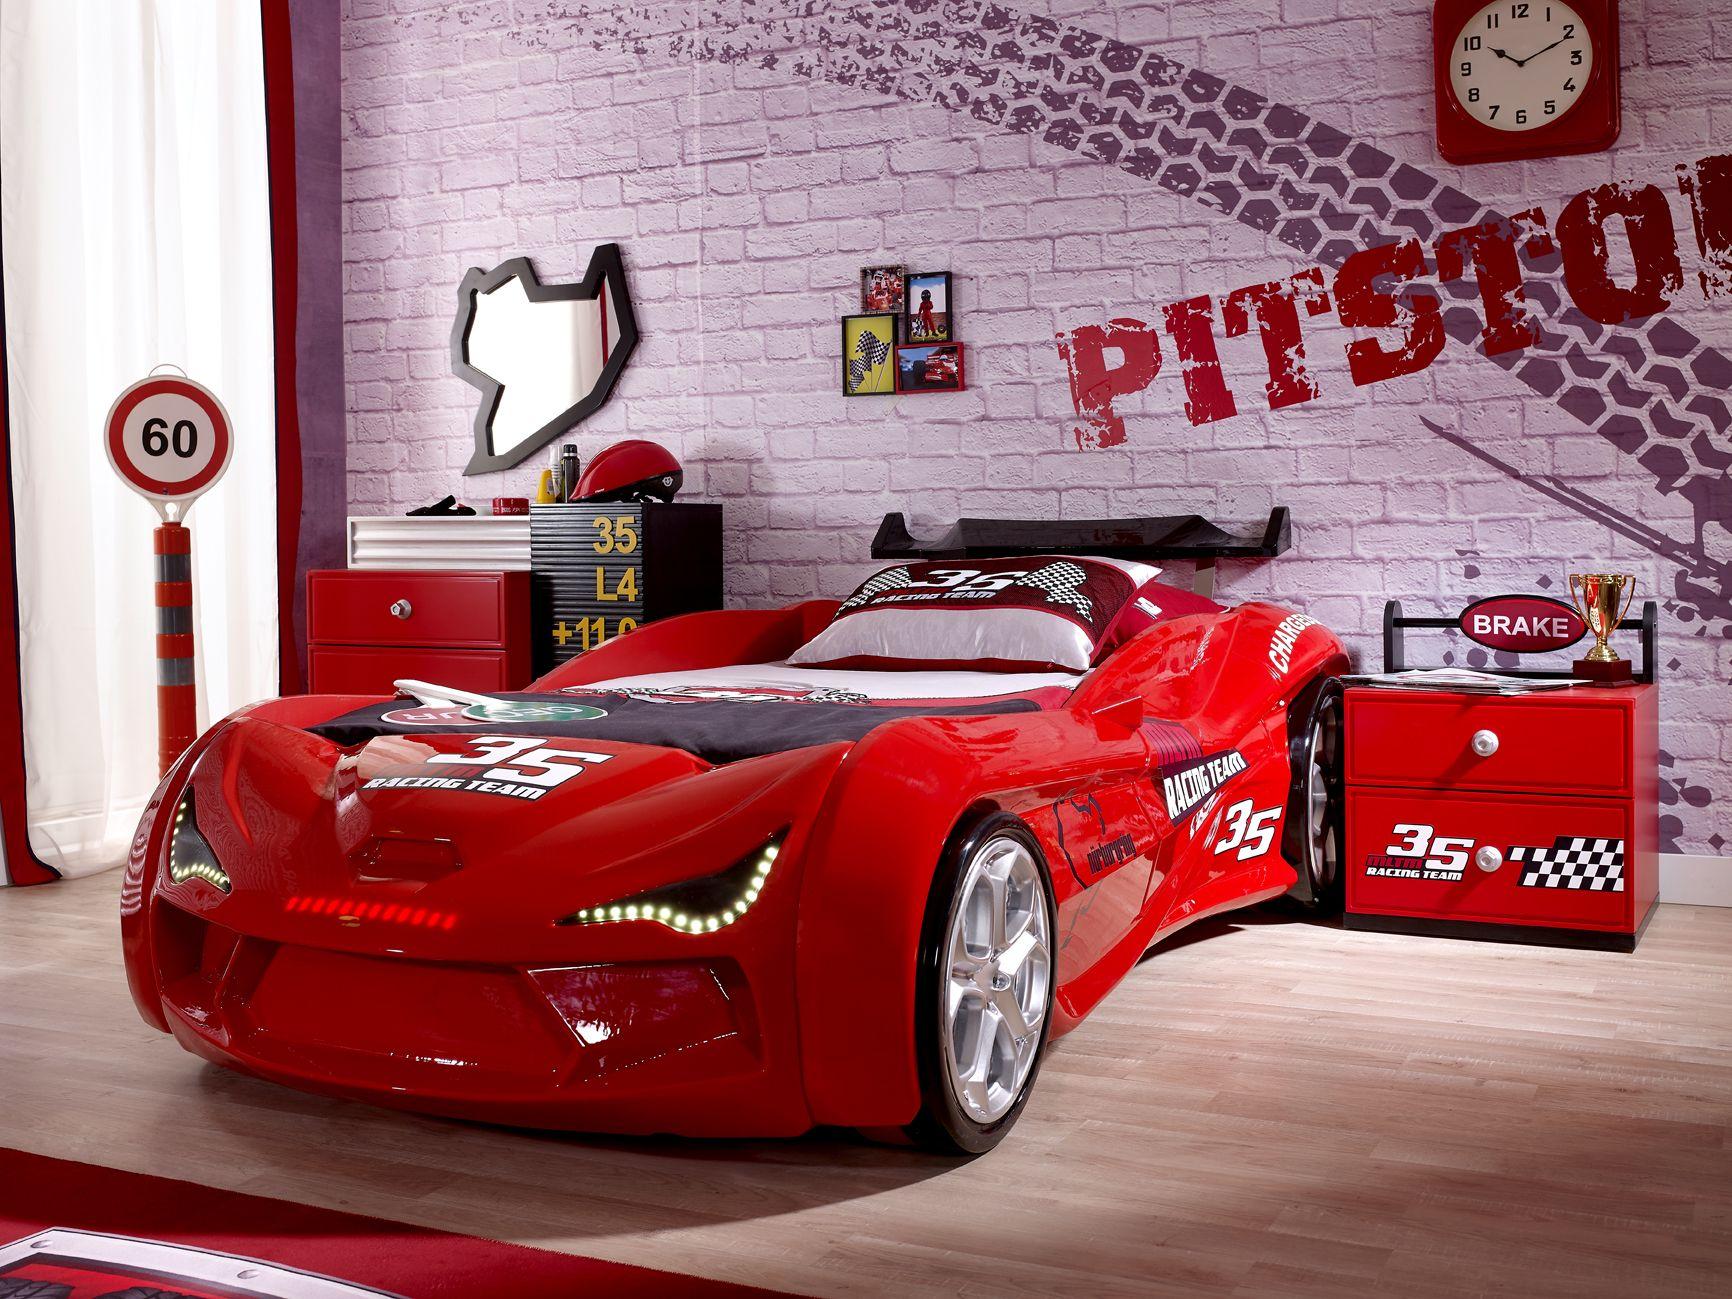 Hayallerindeki Son Model Spor Araba Işte Karşında üstelik şimdi